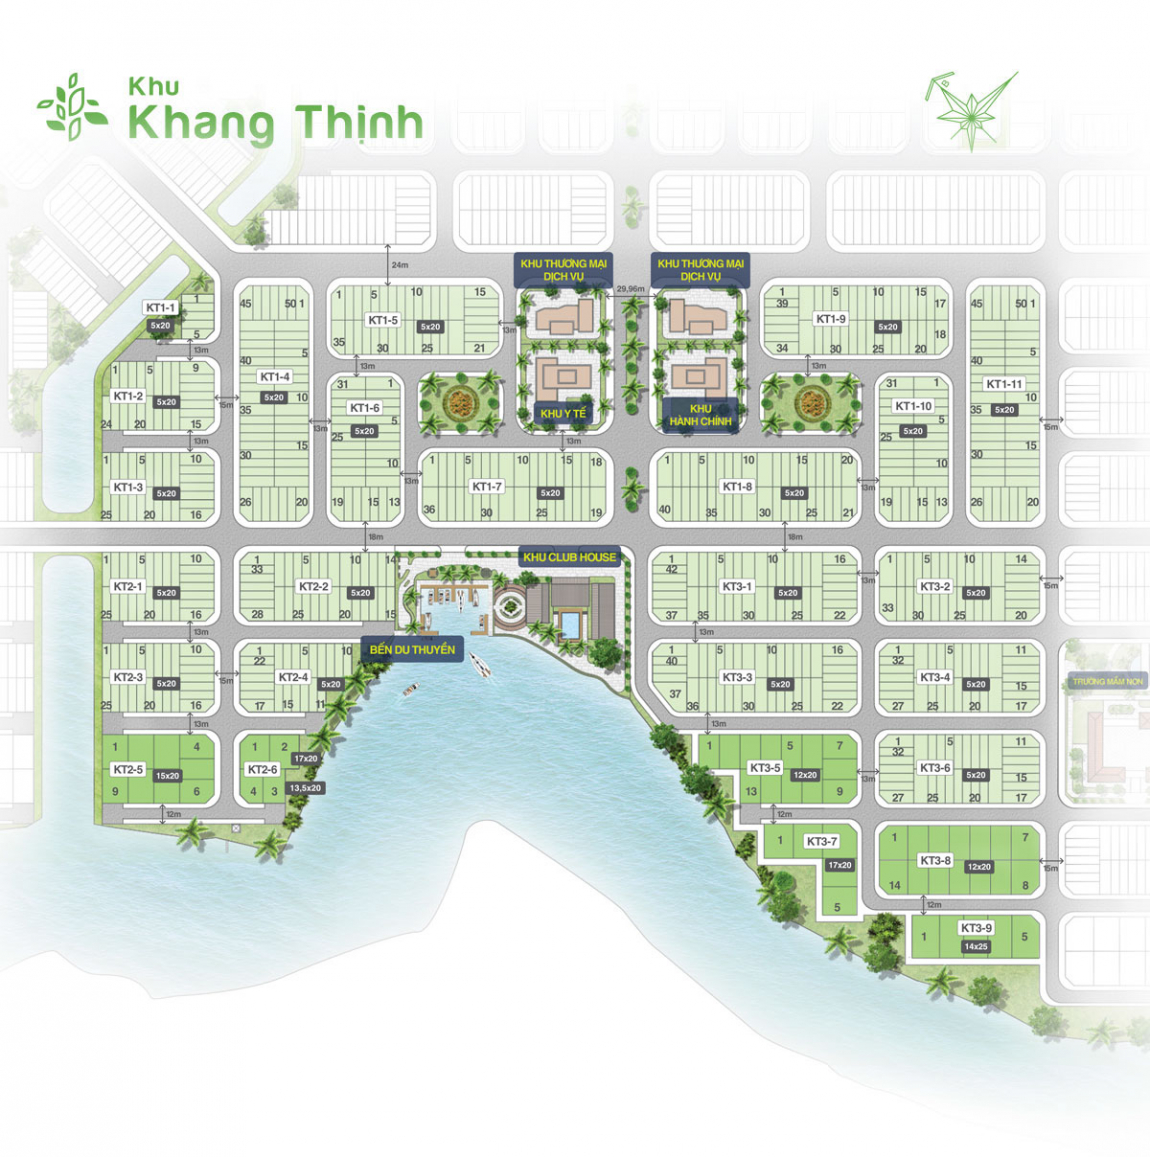 mặt bằng khu khang thịnh dự án biên hoà new city